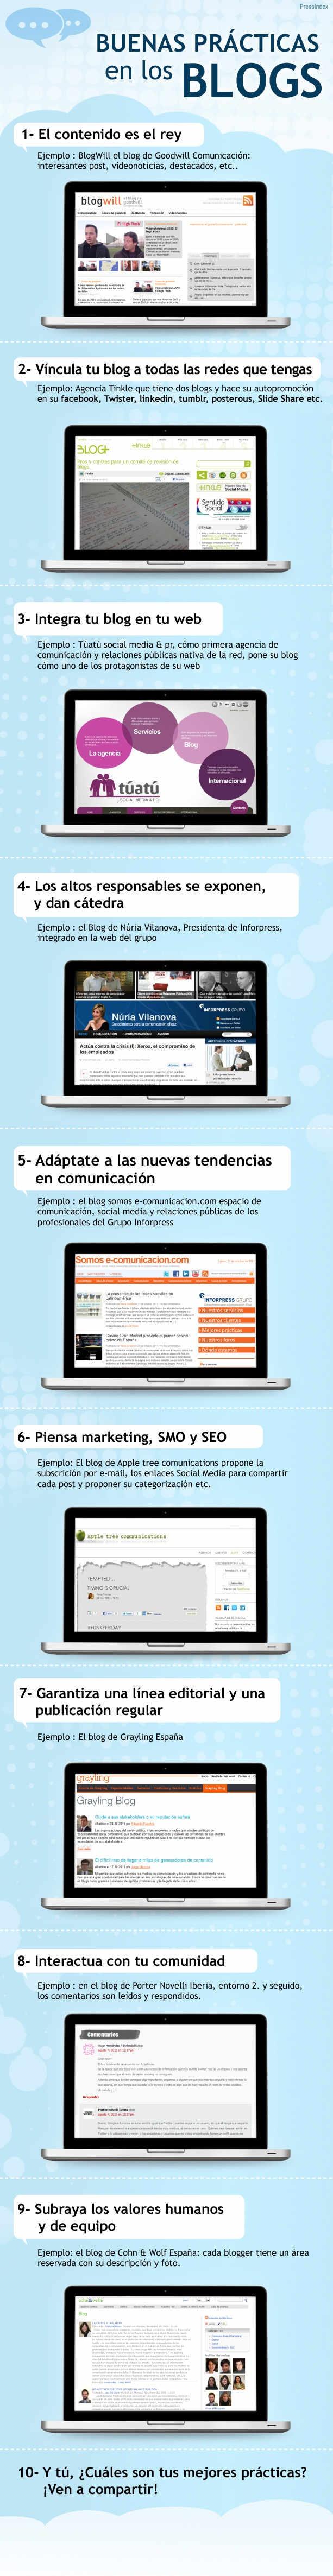 Infografía en español que muestra buenas prácticas en los Blogs.